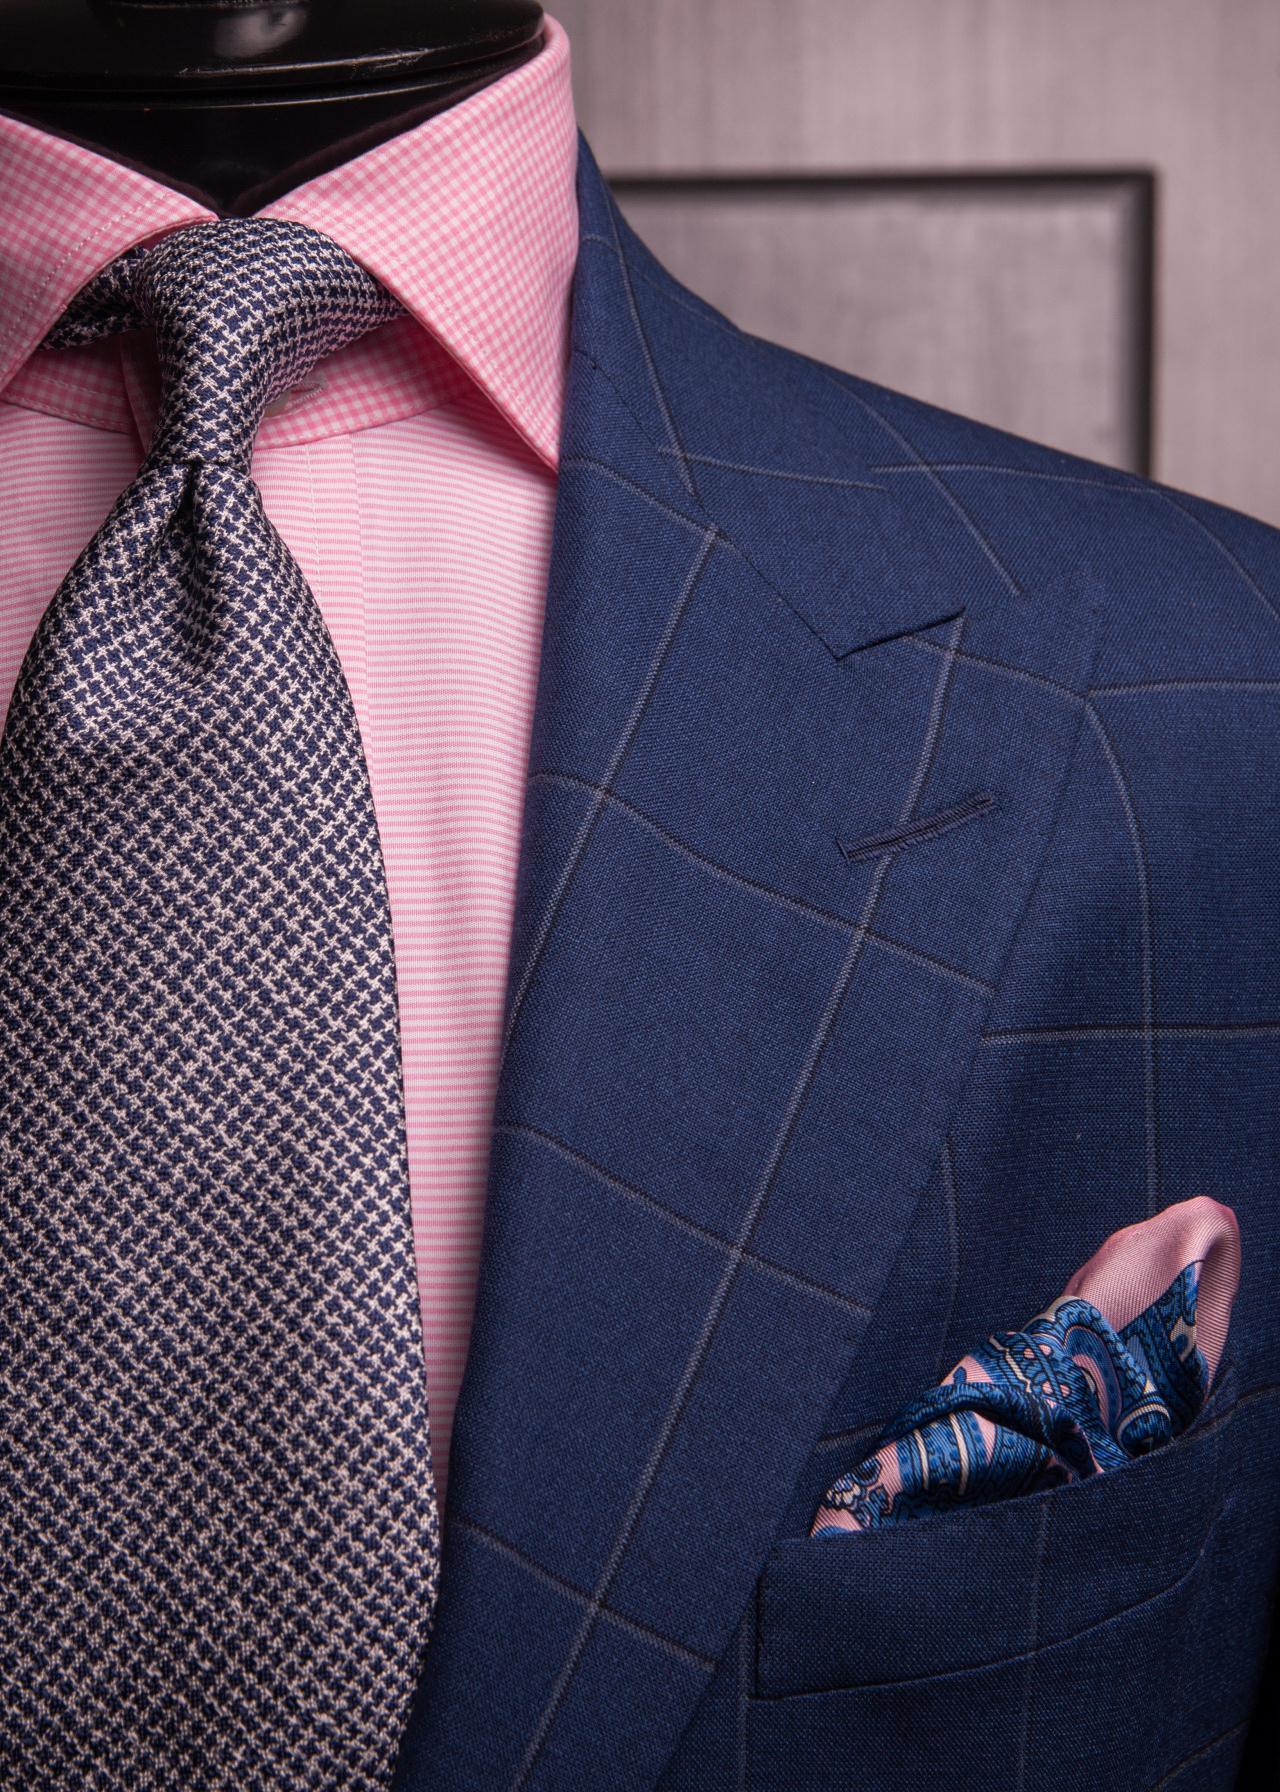 Suit in Pink 2.jpg